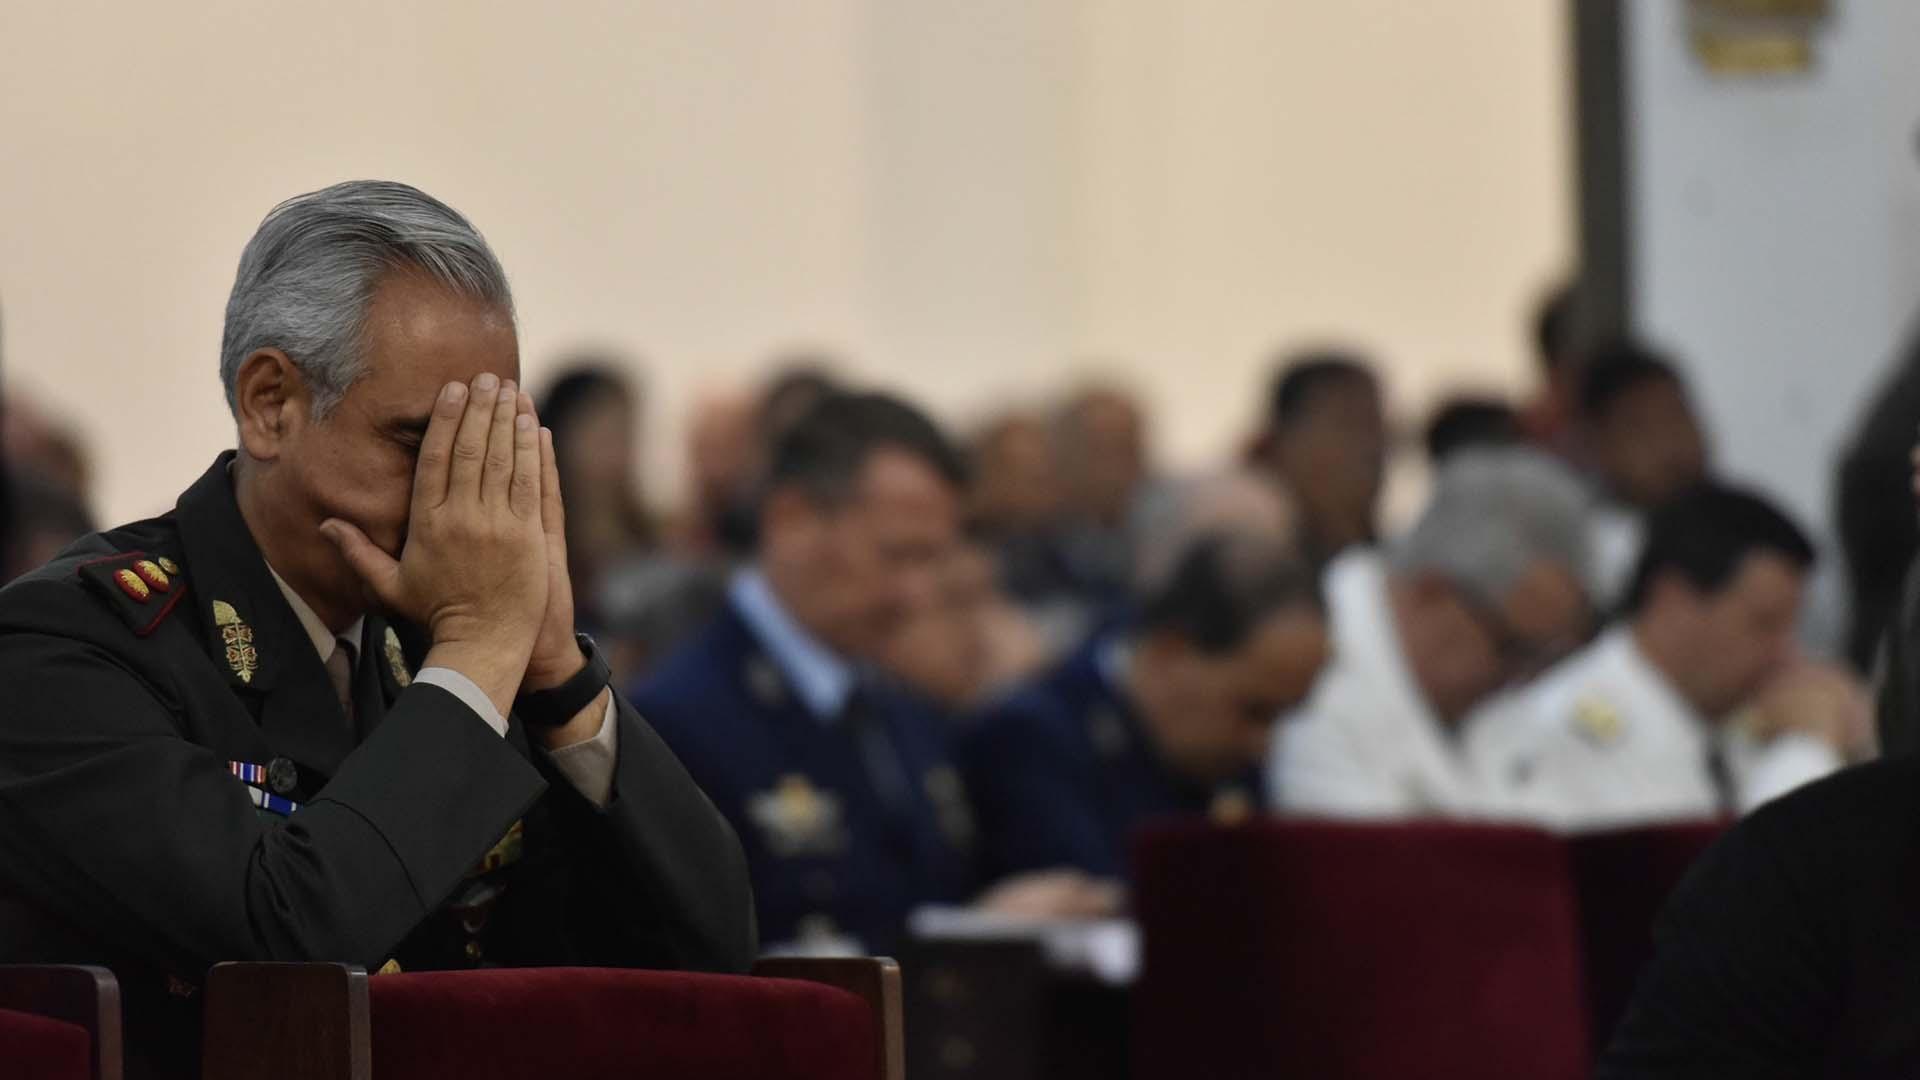 La misa estuvo cargada de emoción y de respeto a los héroes caídos en defensa de la patria